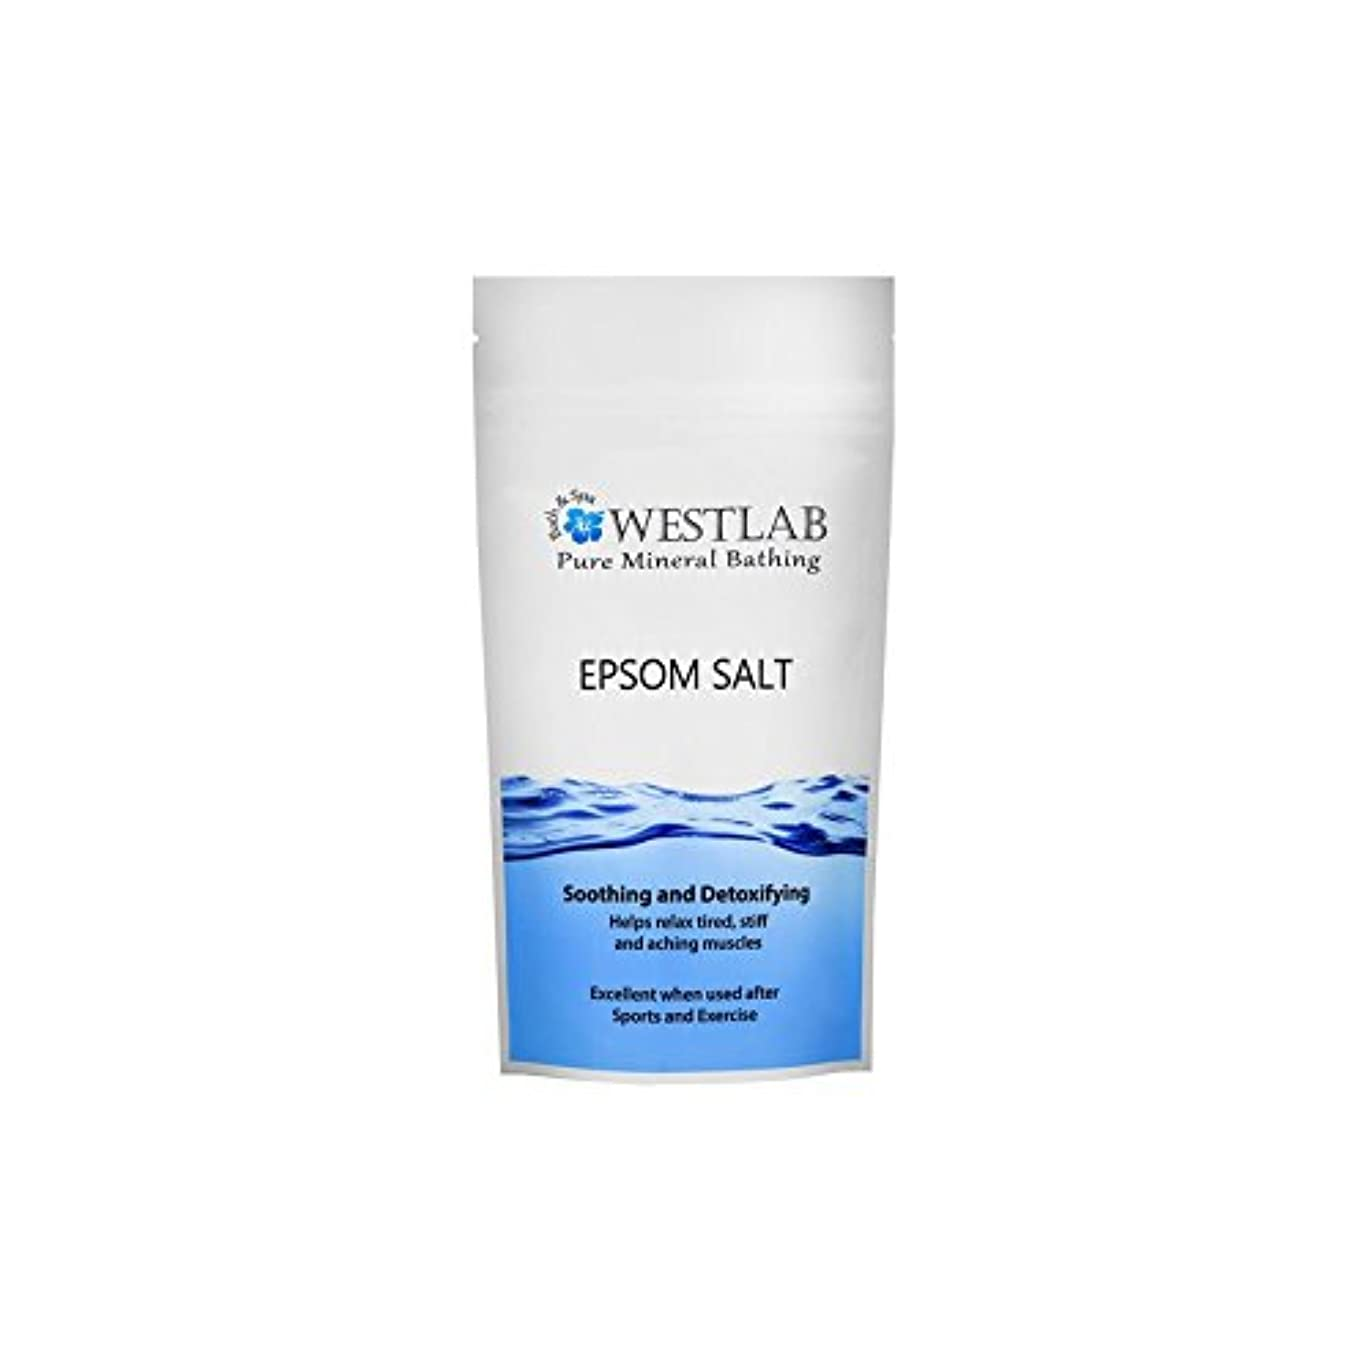 スナック怒る骨の折れるエプソム塩の2キロ x4 - Westlab Epsom Salt 2kg (Pack of 4) [並行輸入品]